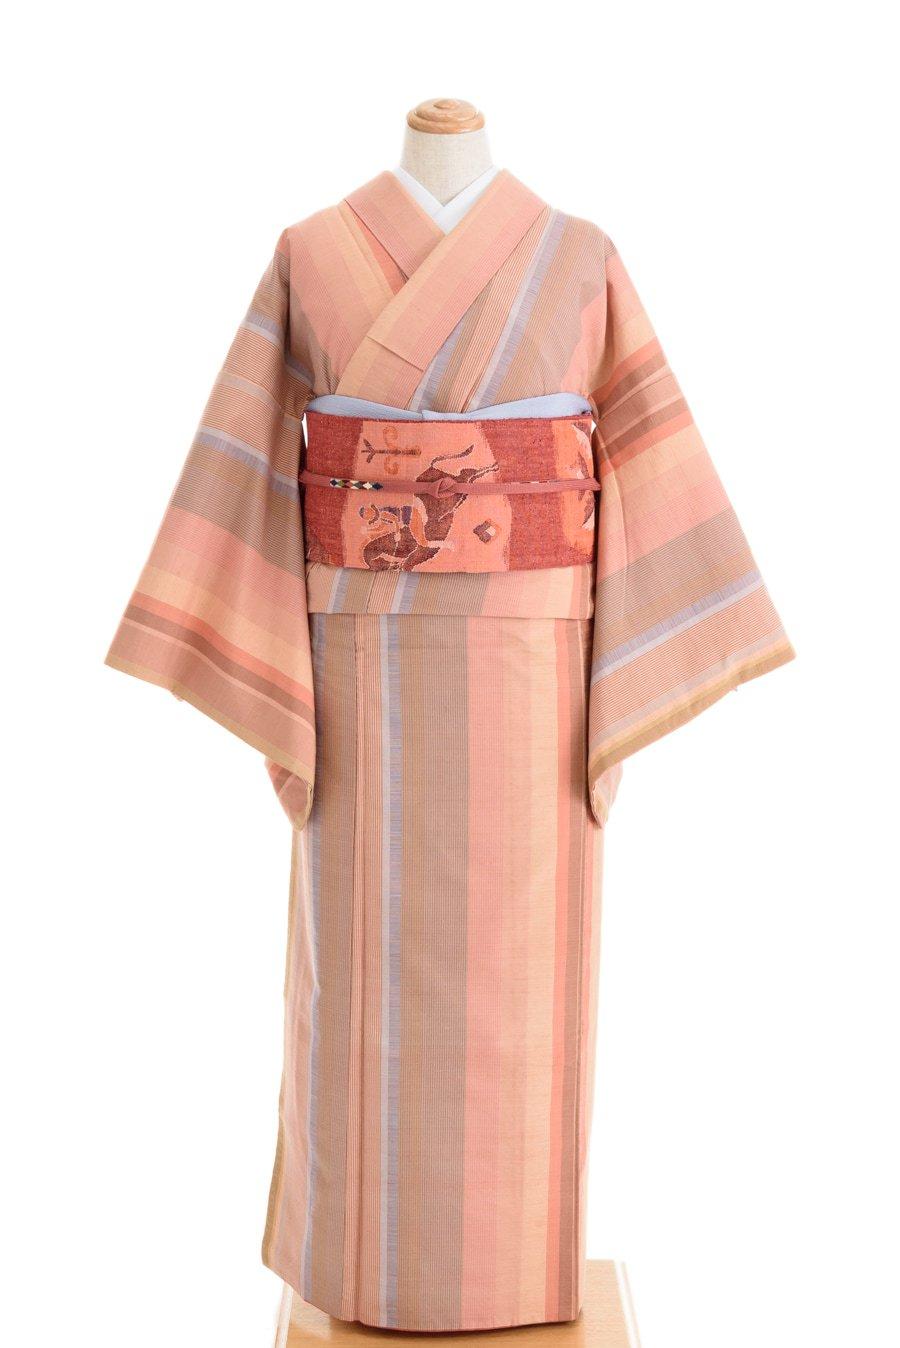 「ピンクベース ランダムな縞 紬」の商品画像